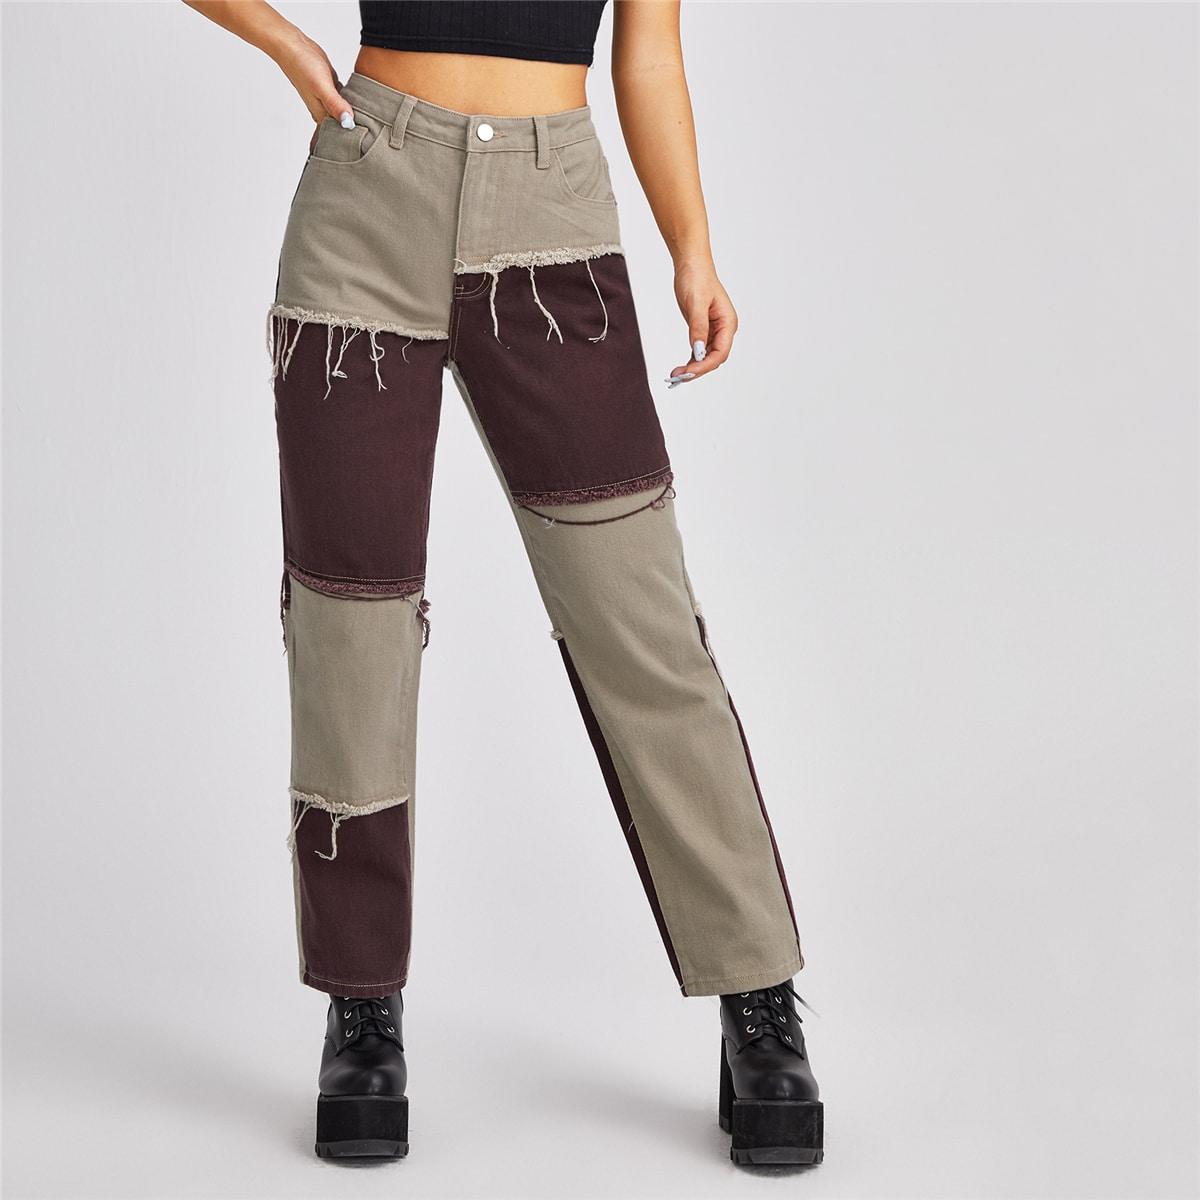 Контрастные короткие джинсы